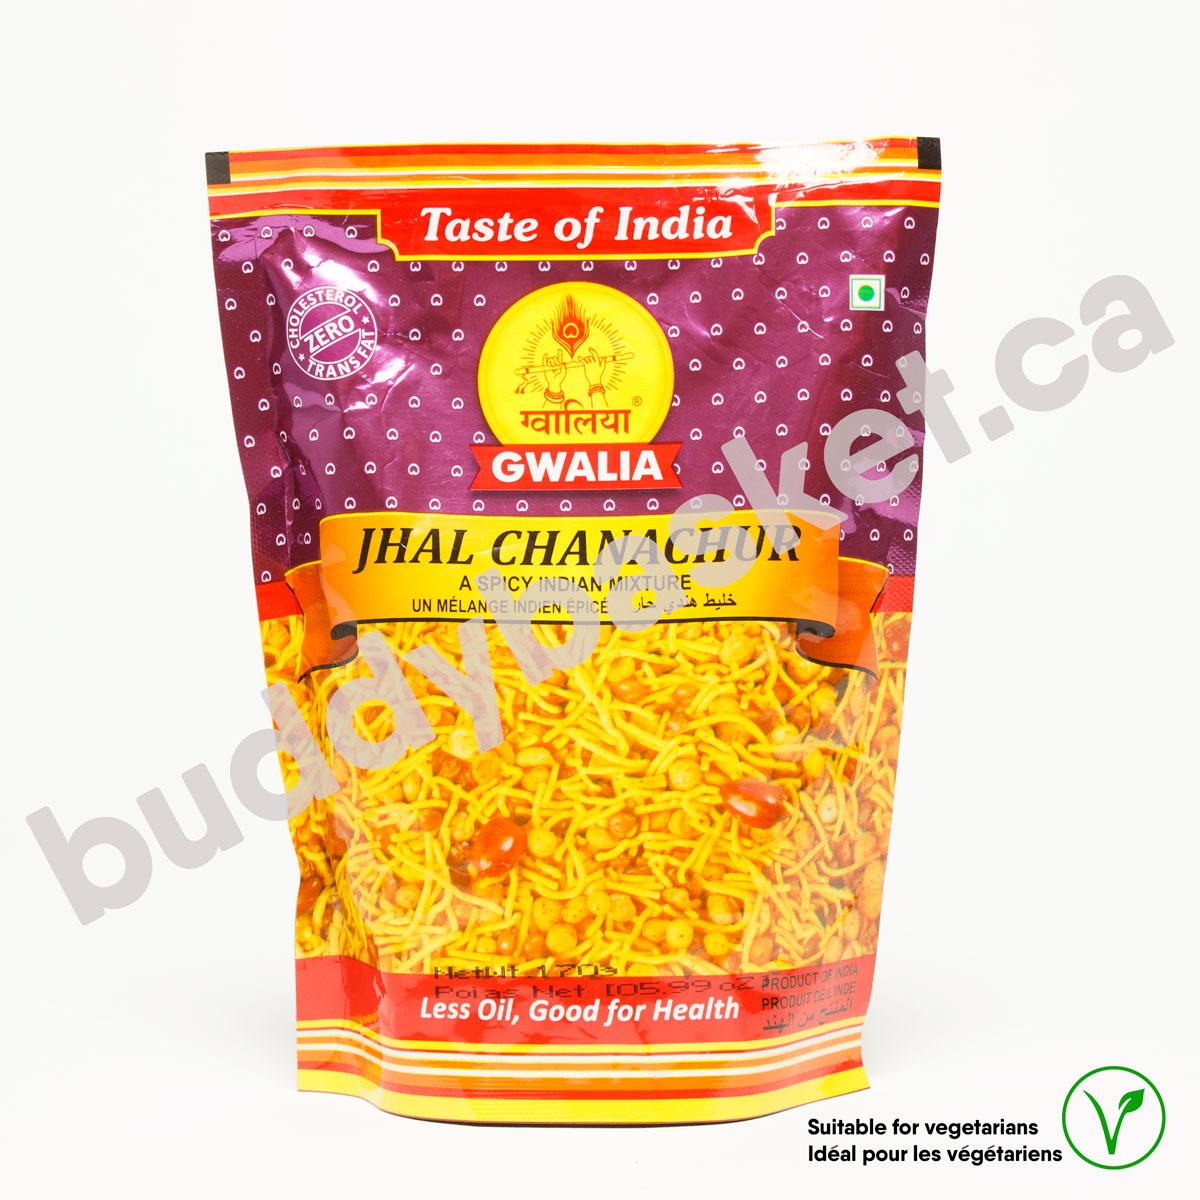 Gwalia Jhal Chanchur 170g